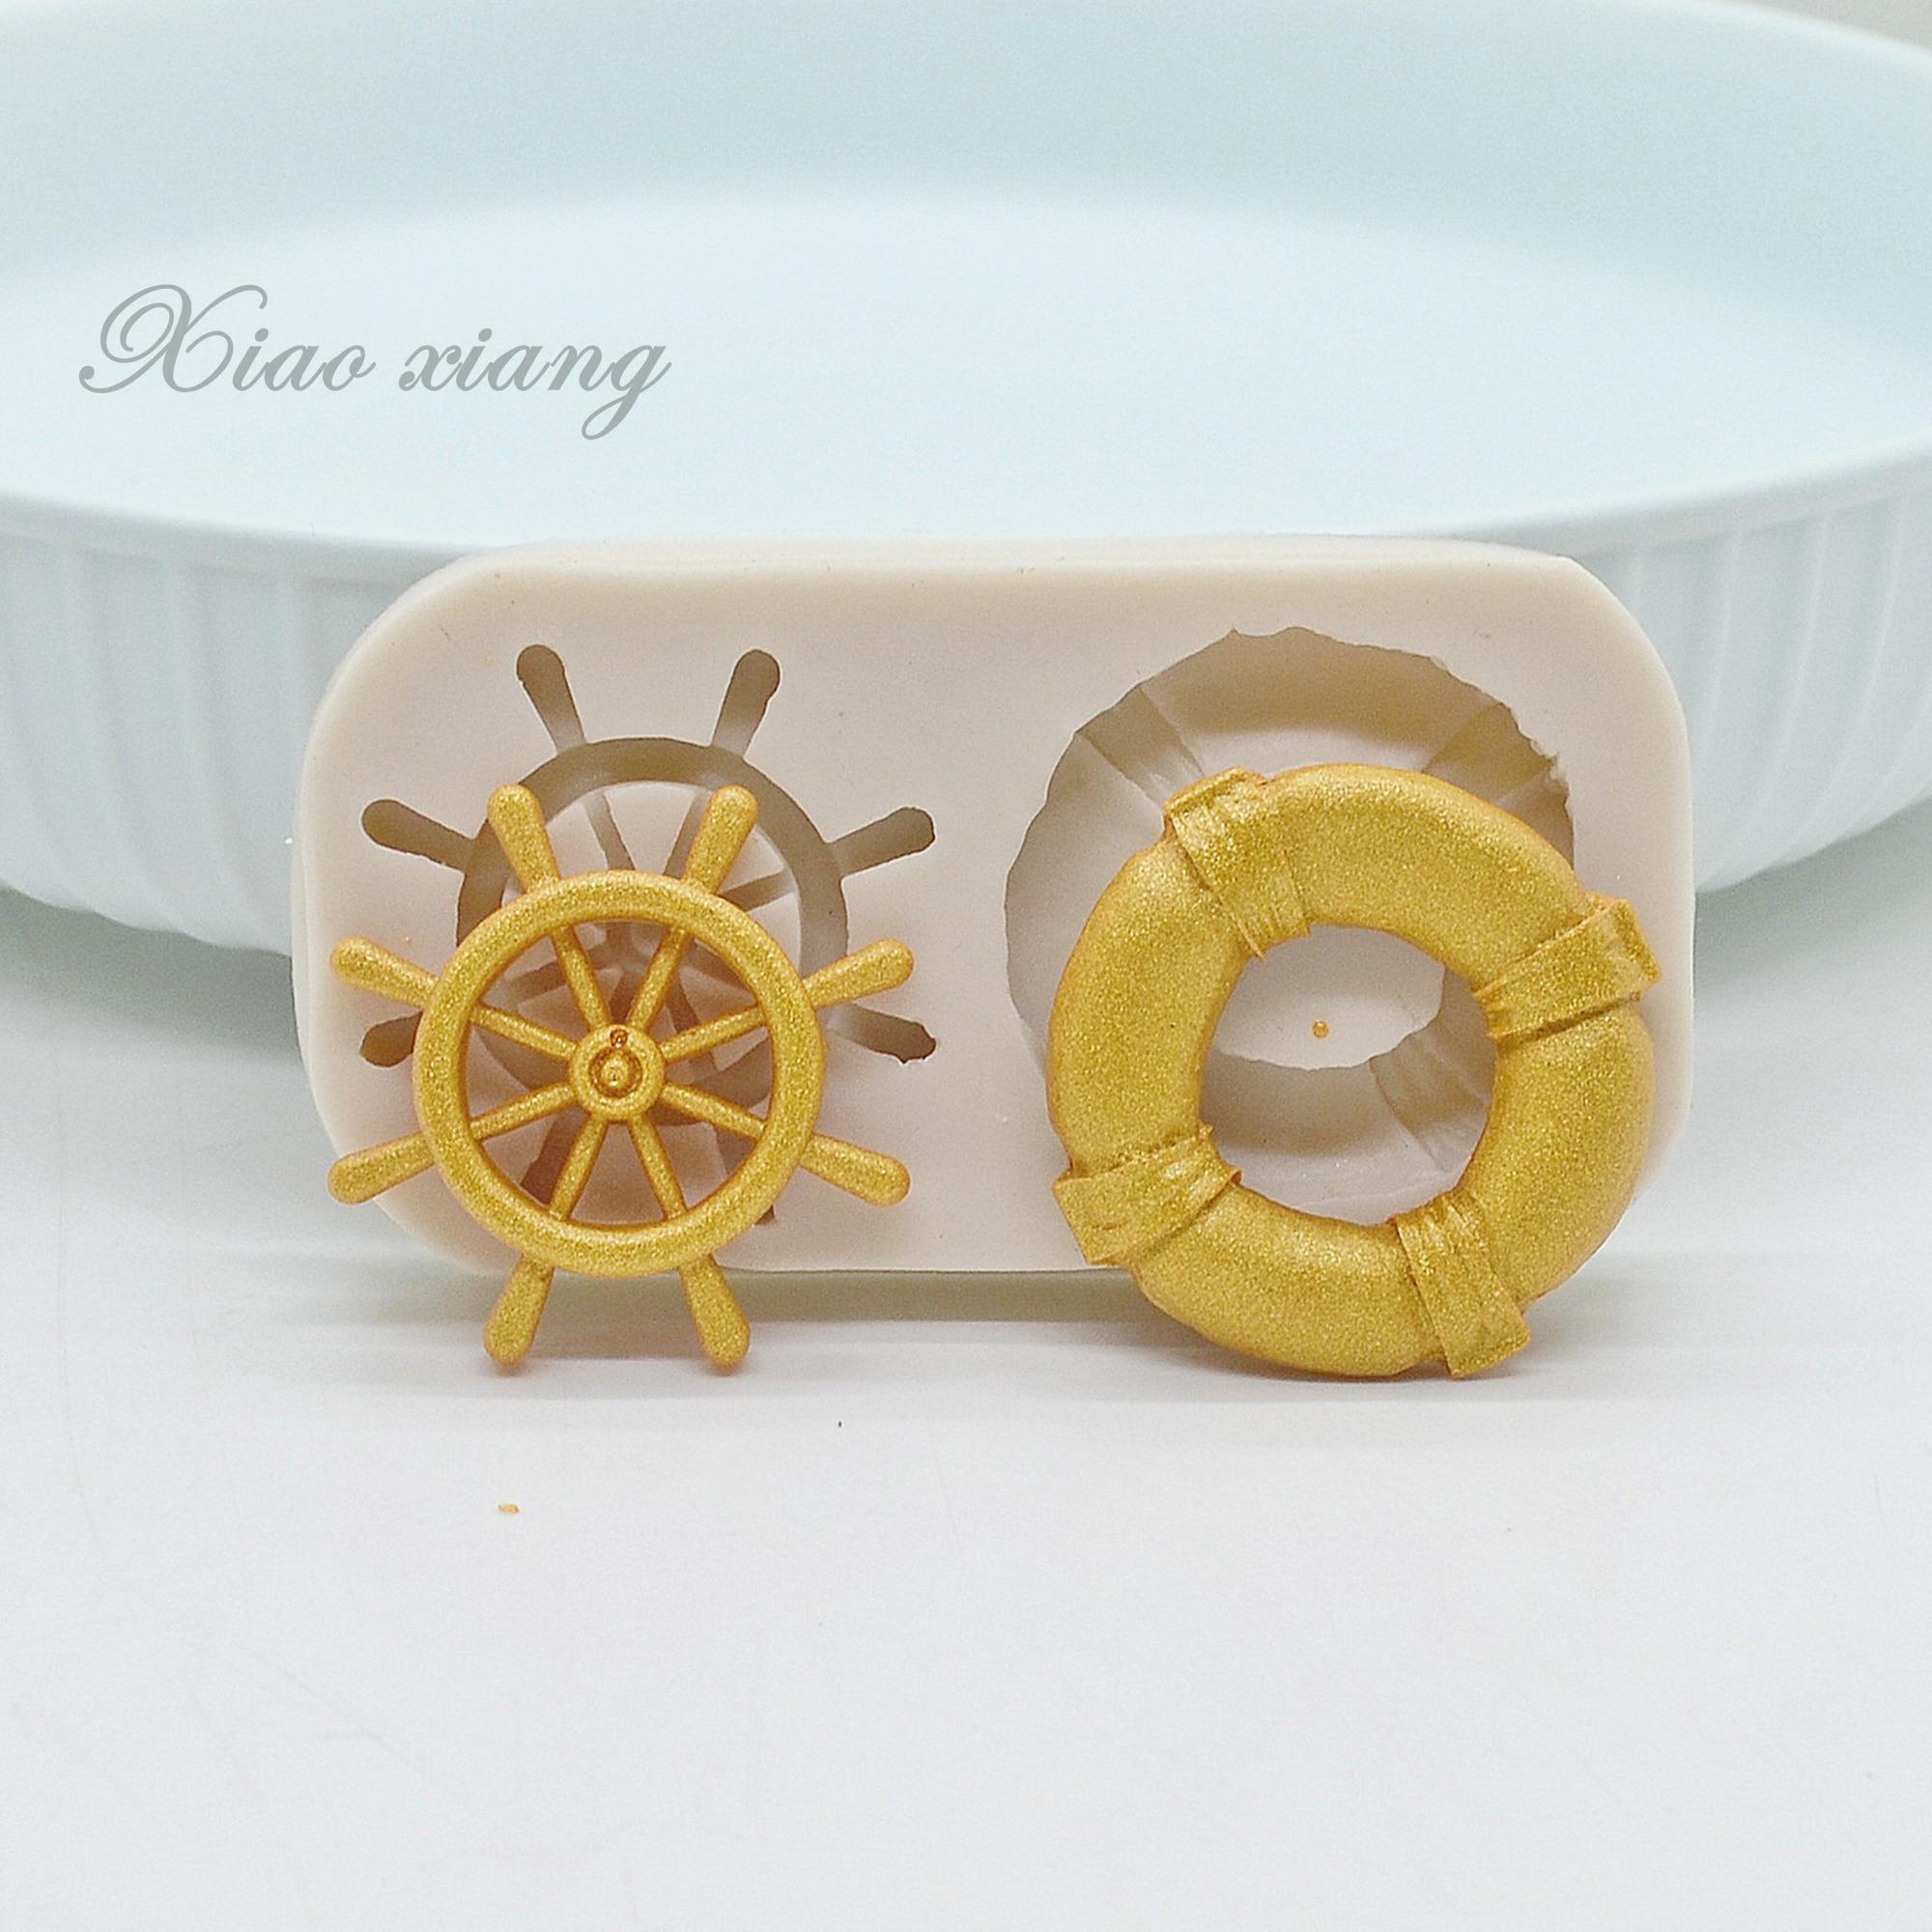 Штурвала и спасательный круг Форма силиконовая форма для выпечки формы для выпечки Форма для шоколада для торта декоративные инструменты а...